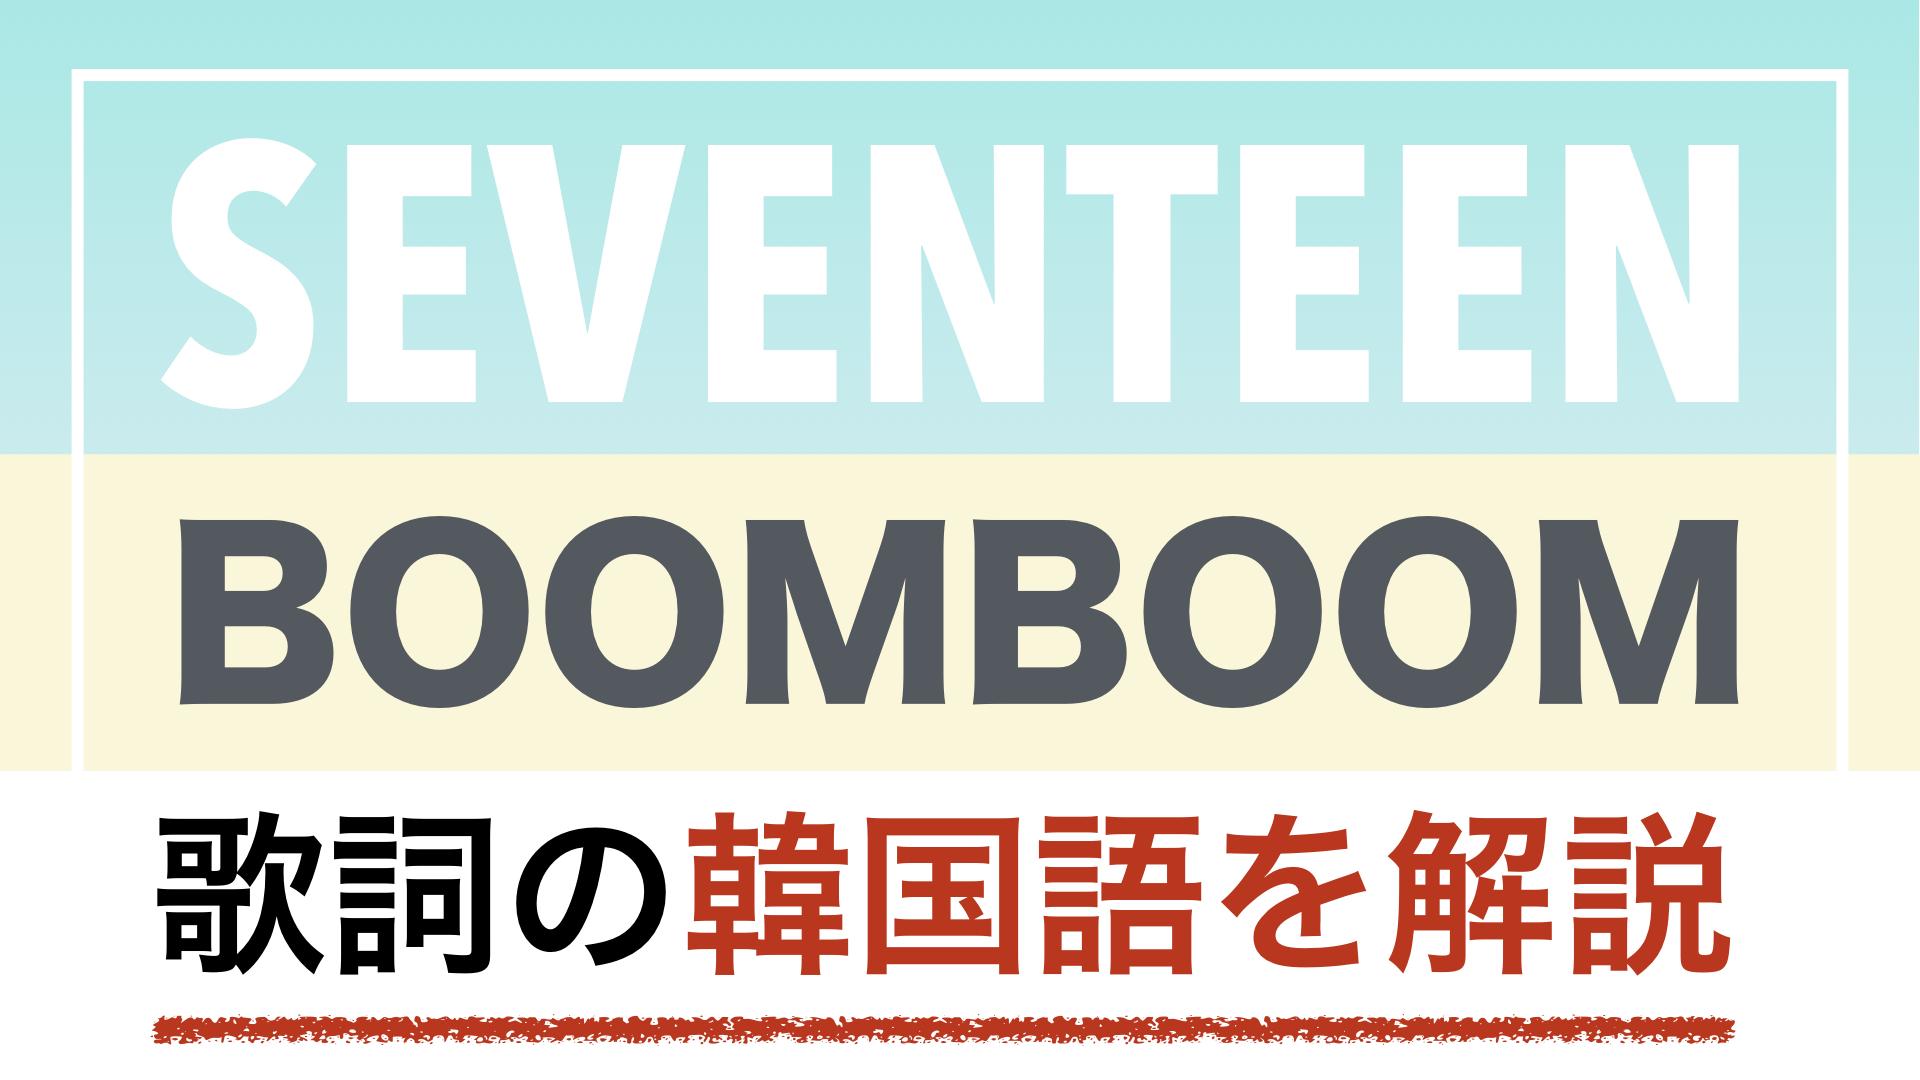 【K-POPで学ぶ韓国語】BOOMBOOM(ブームブーム)/SEVENTEEN(セブチ・セブンティーン)の歌詞を日本語で詳しく解説!